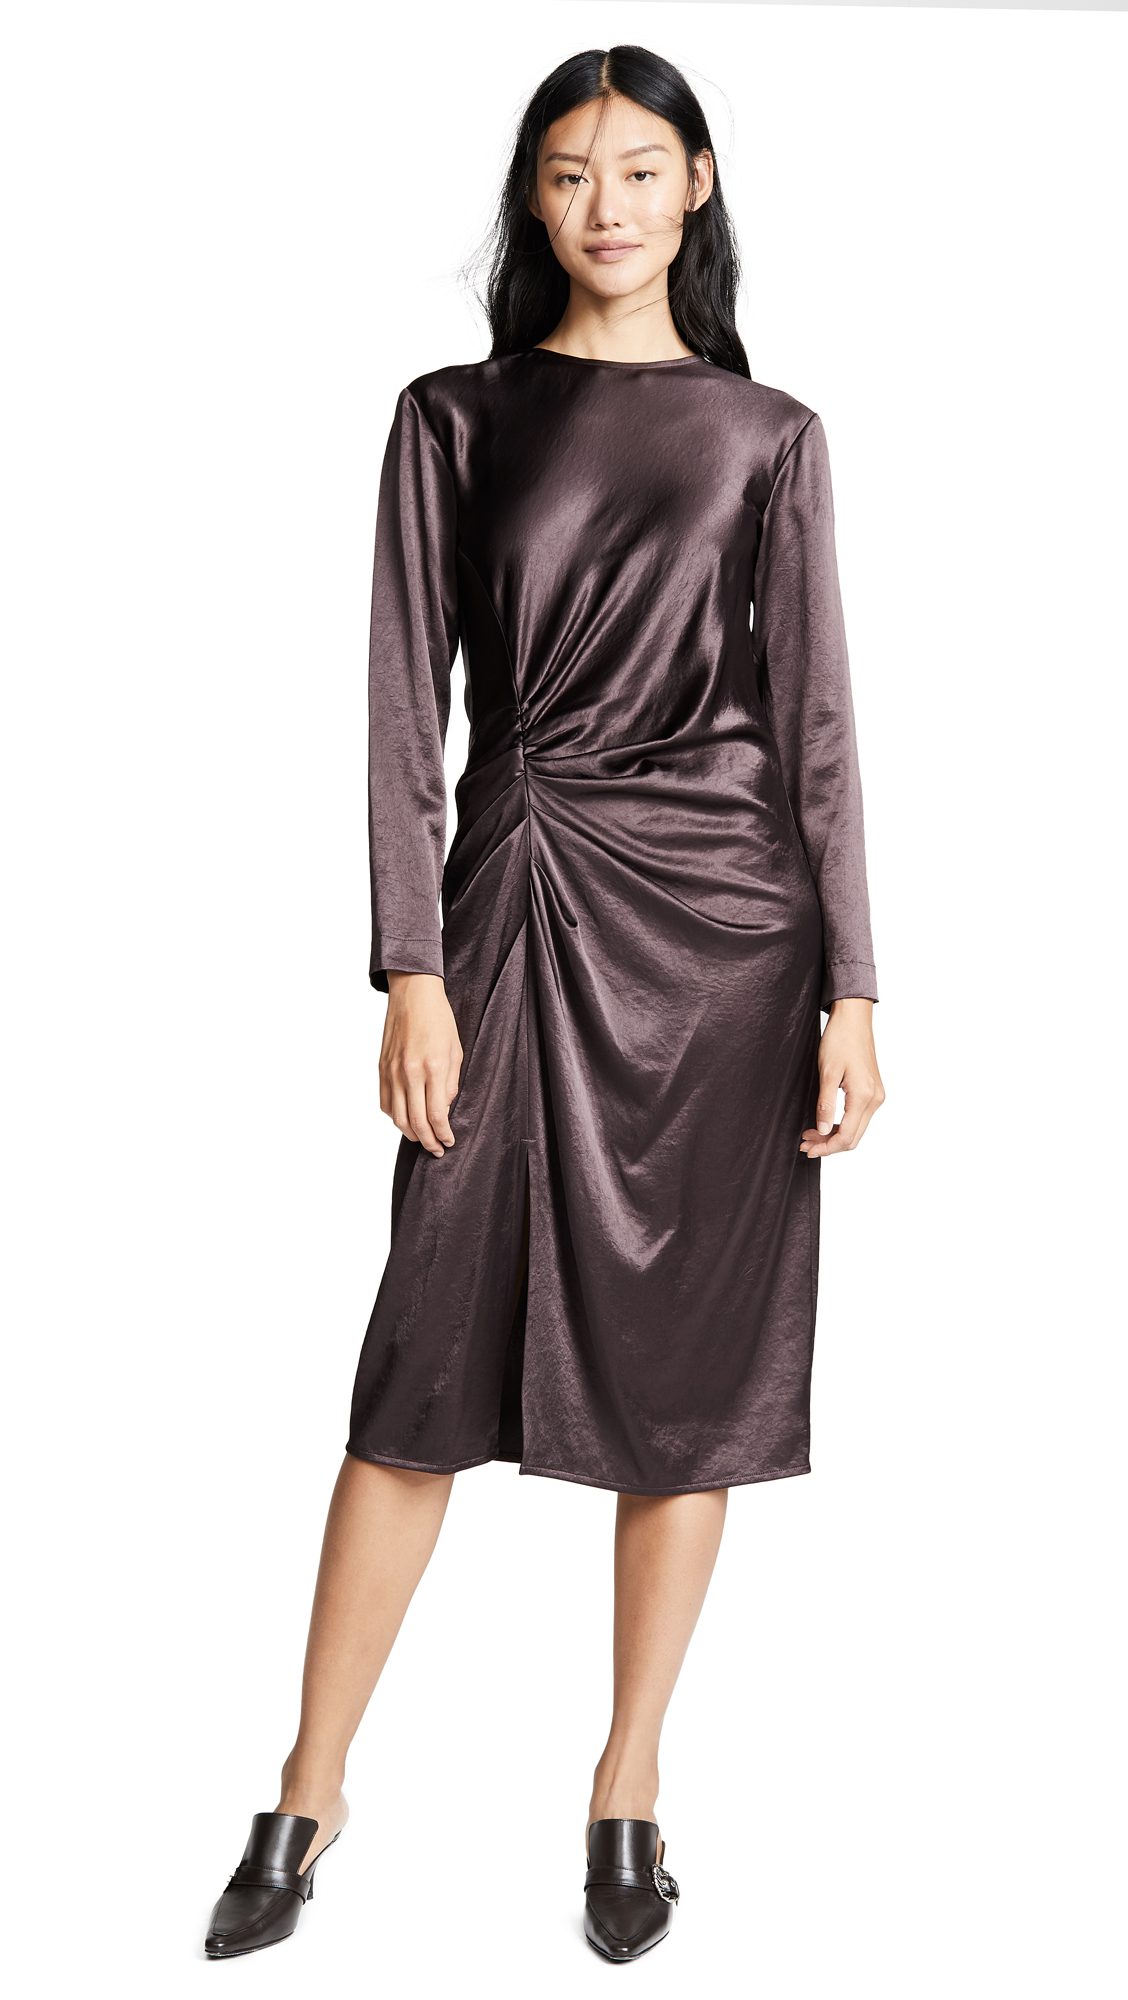 Helmut Lang Crinkle Long Sleeve Dress In Wine